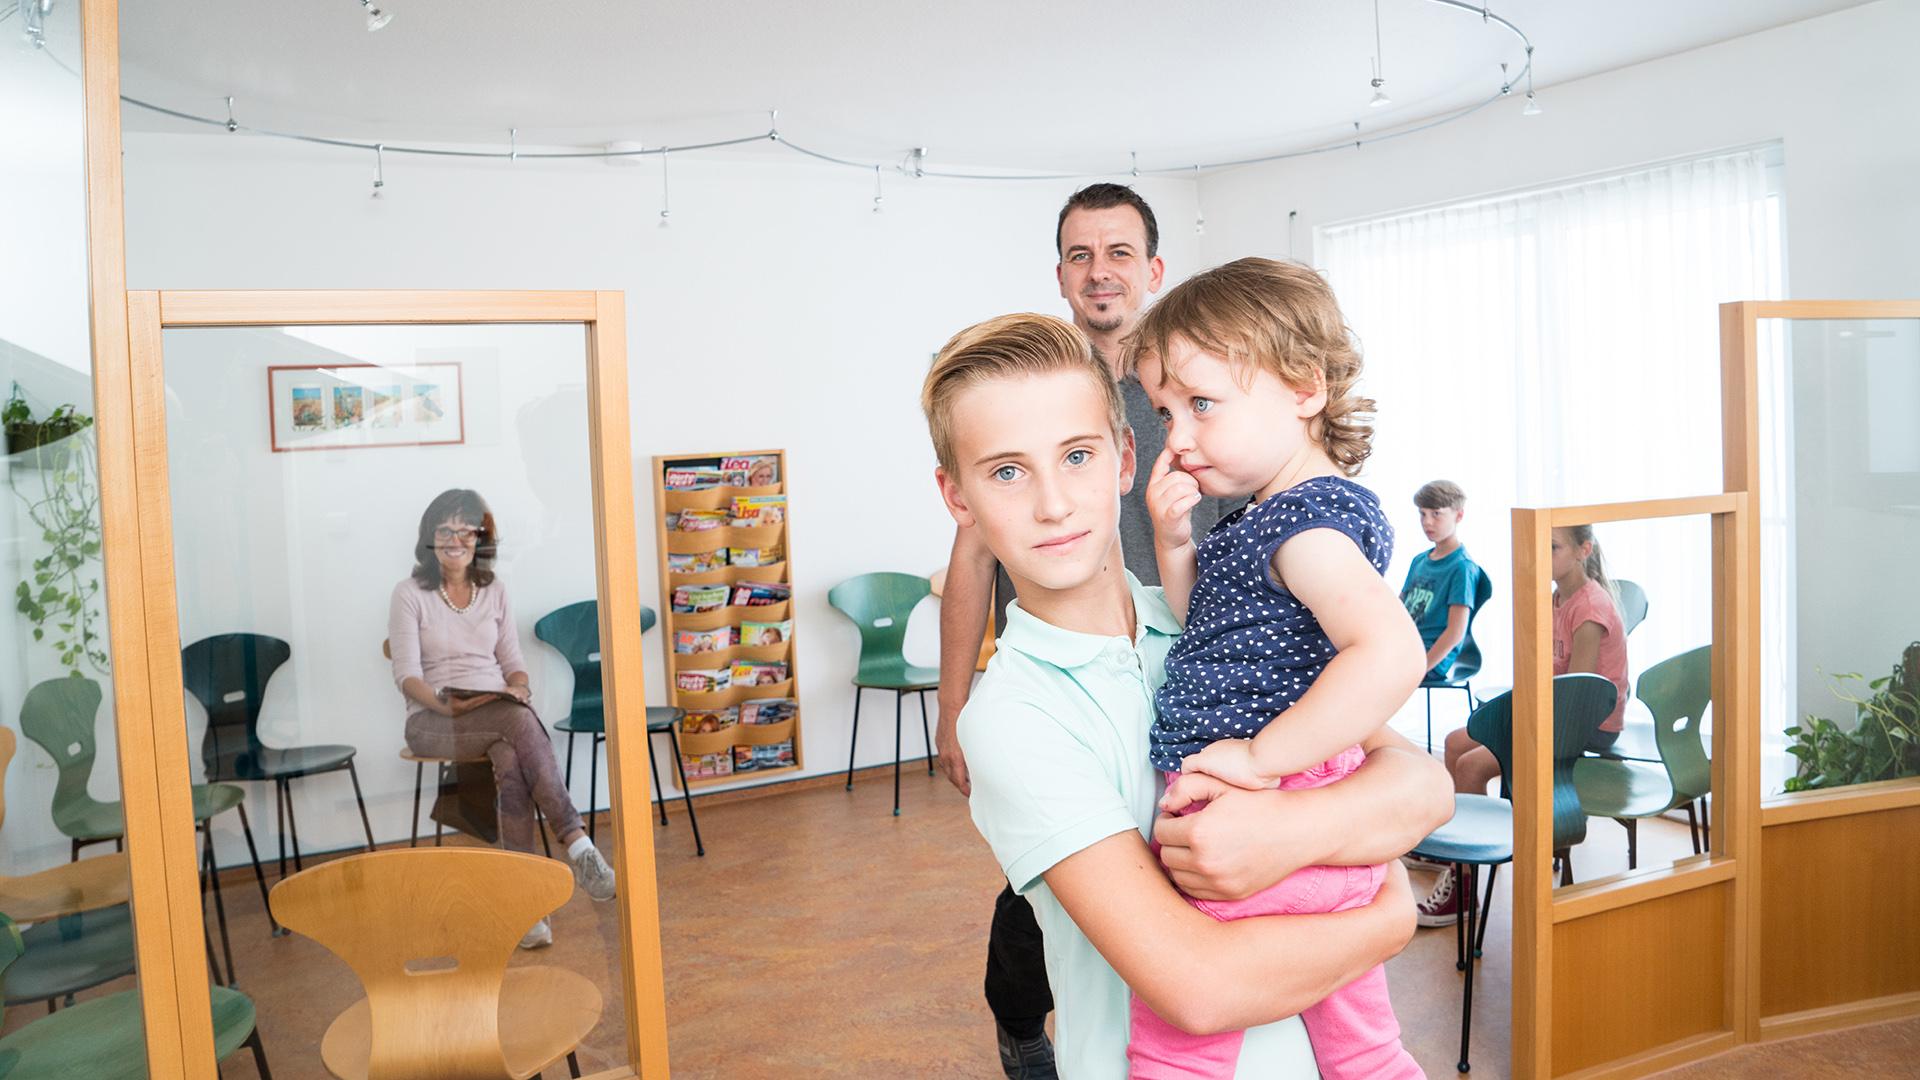 Fotografie Praxis - Praxis für Kieferorthopädie Dr.Moser, Pforzheim